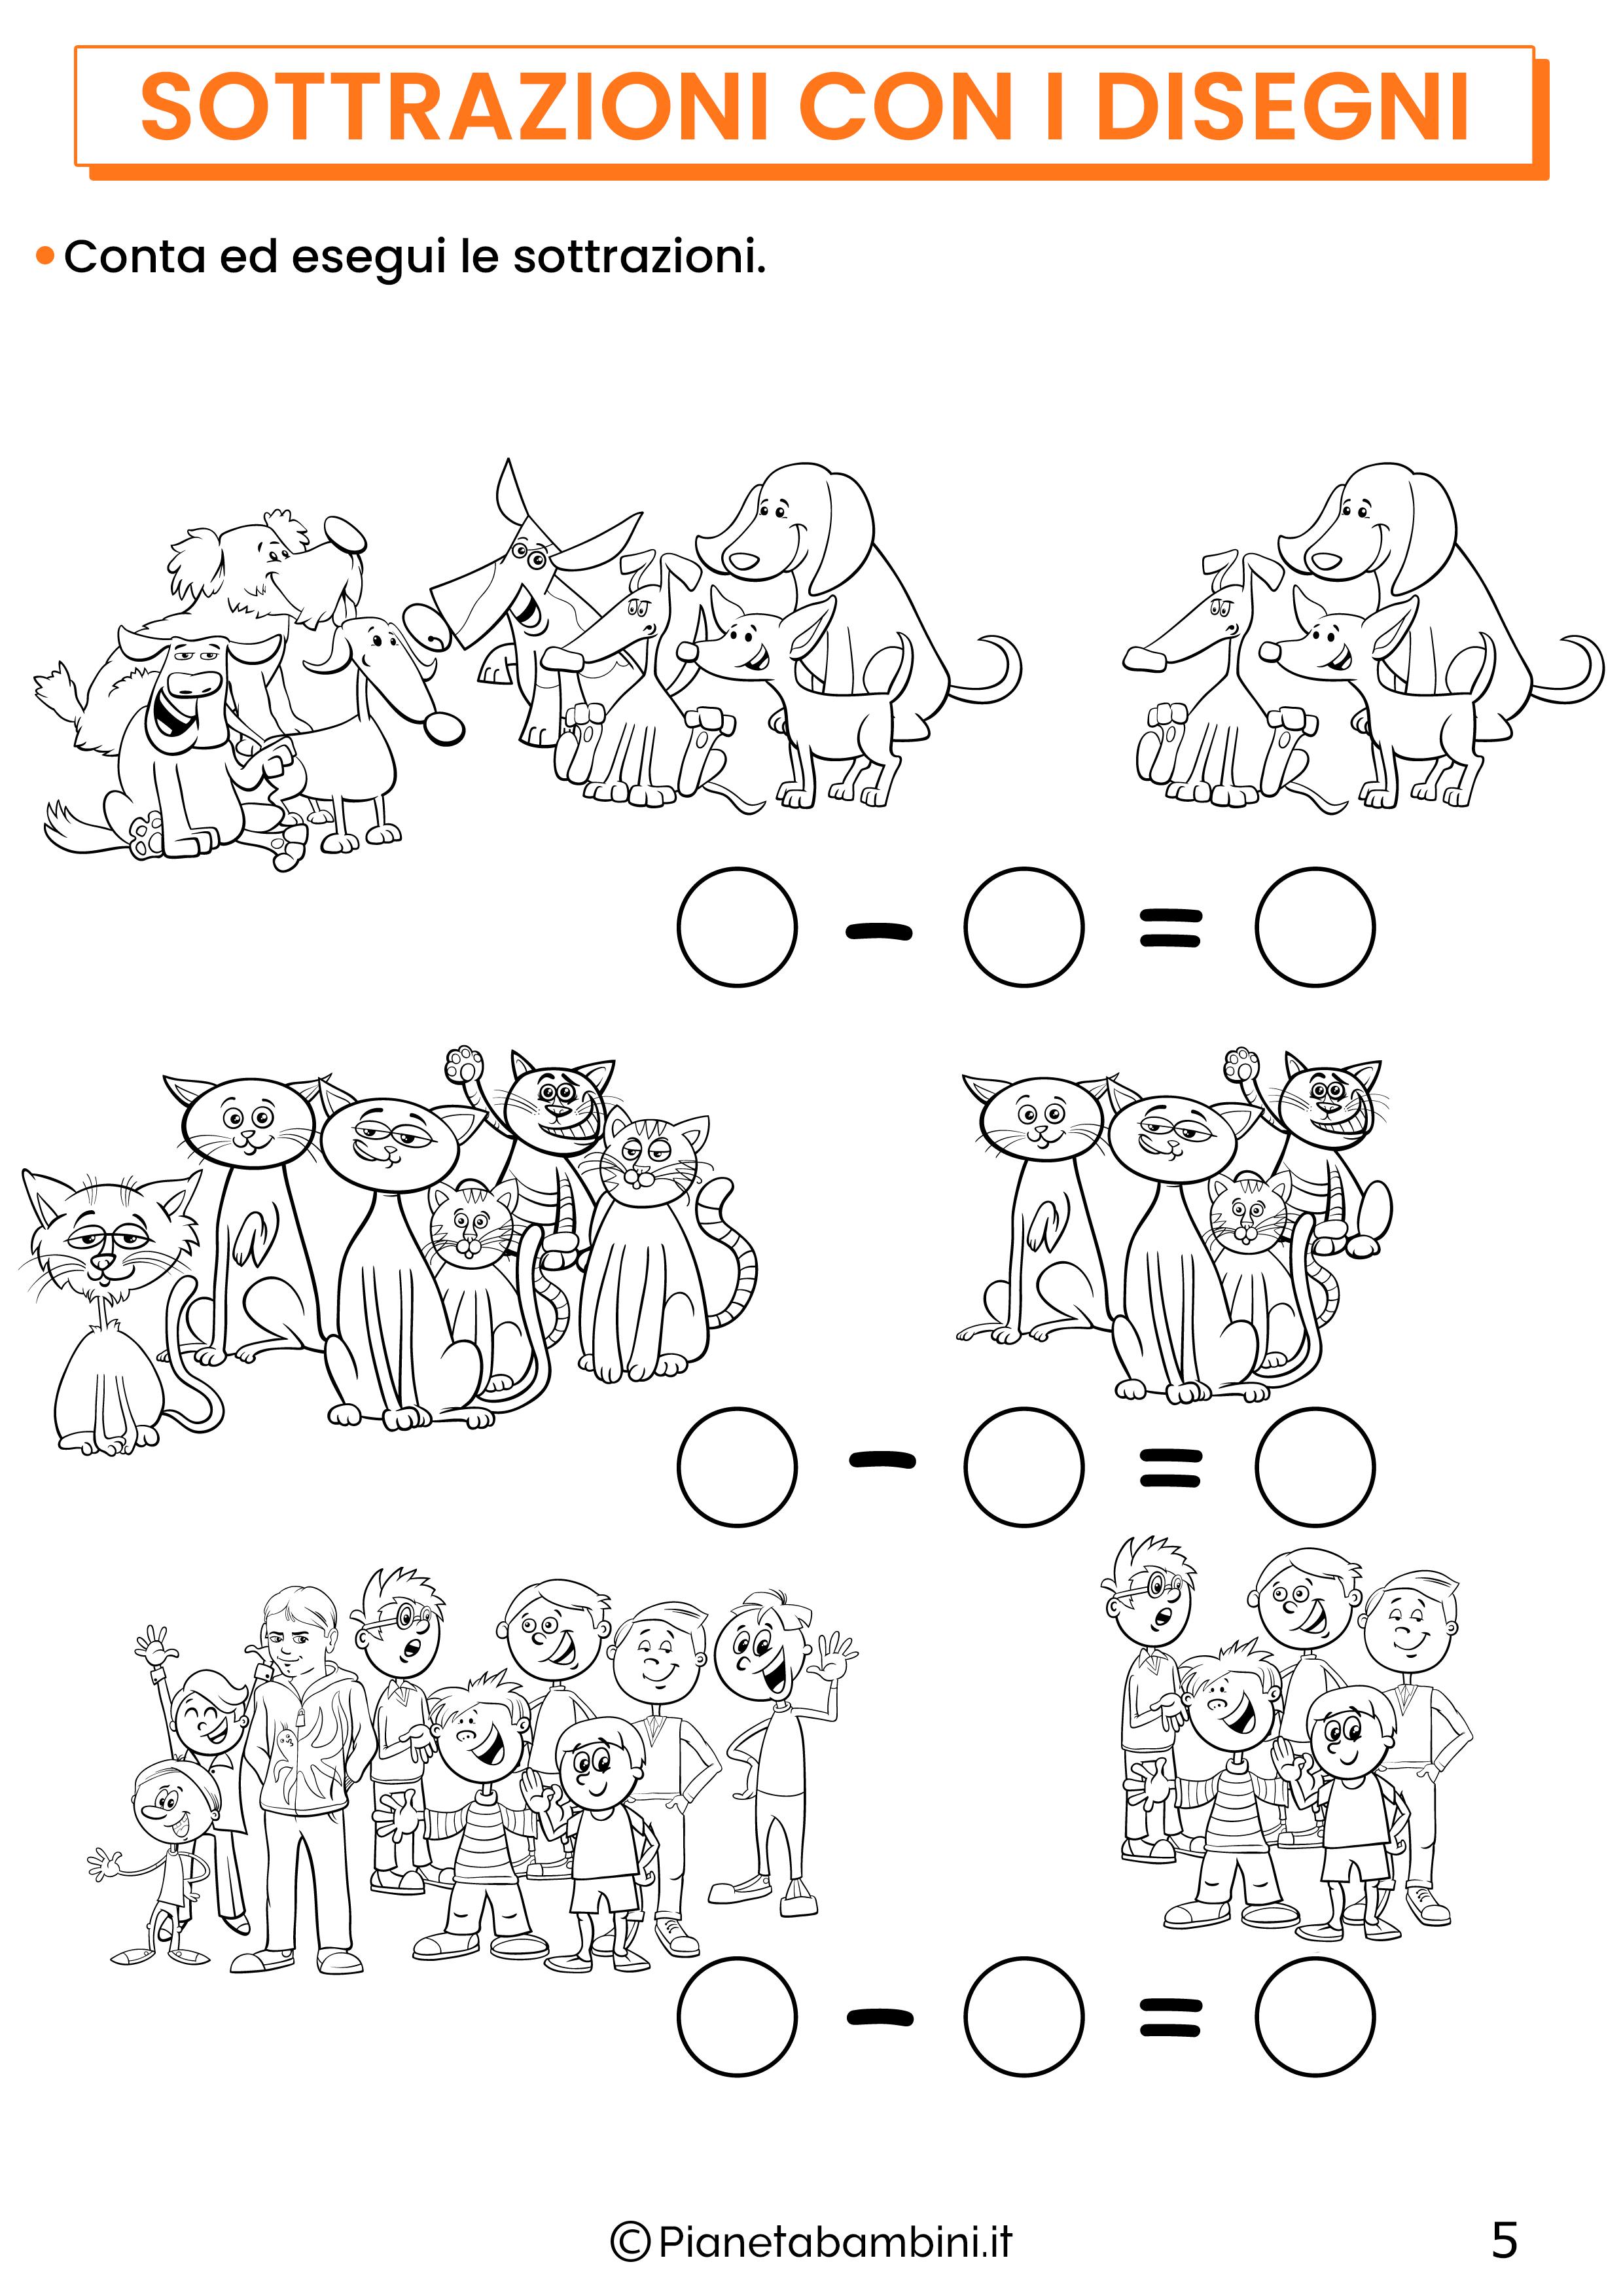 Sottrazioni con disegni per la classe prima pagina 5